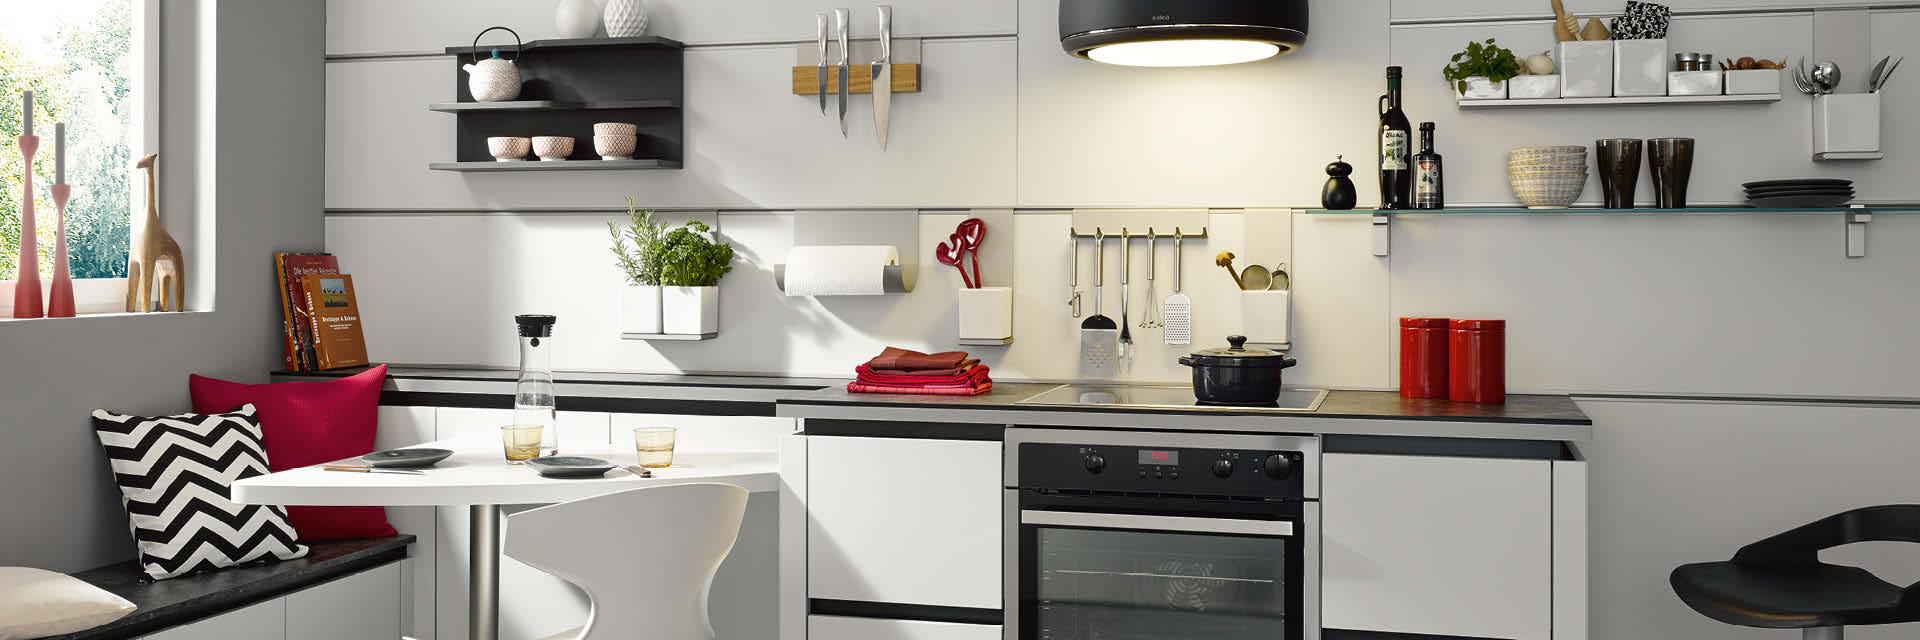 Single Küchen – klein ist manchmal perfekt groß!